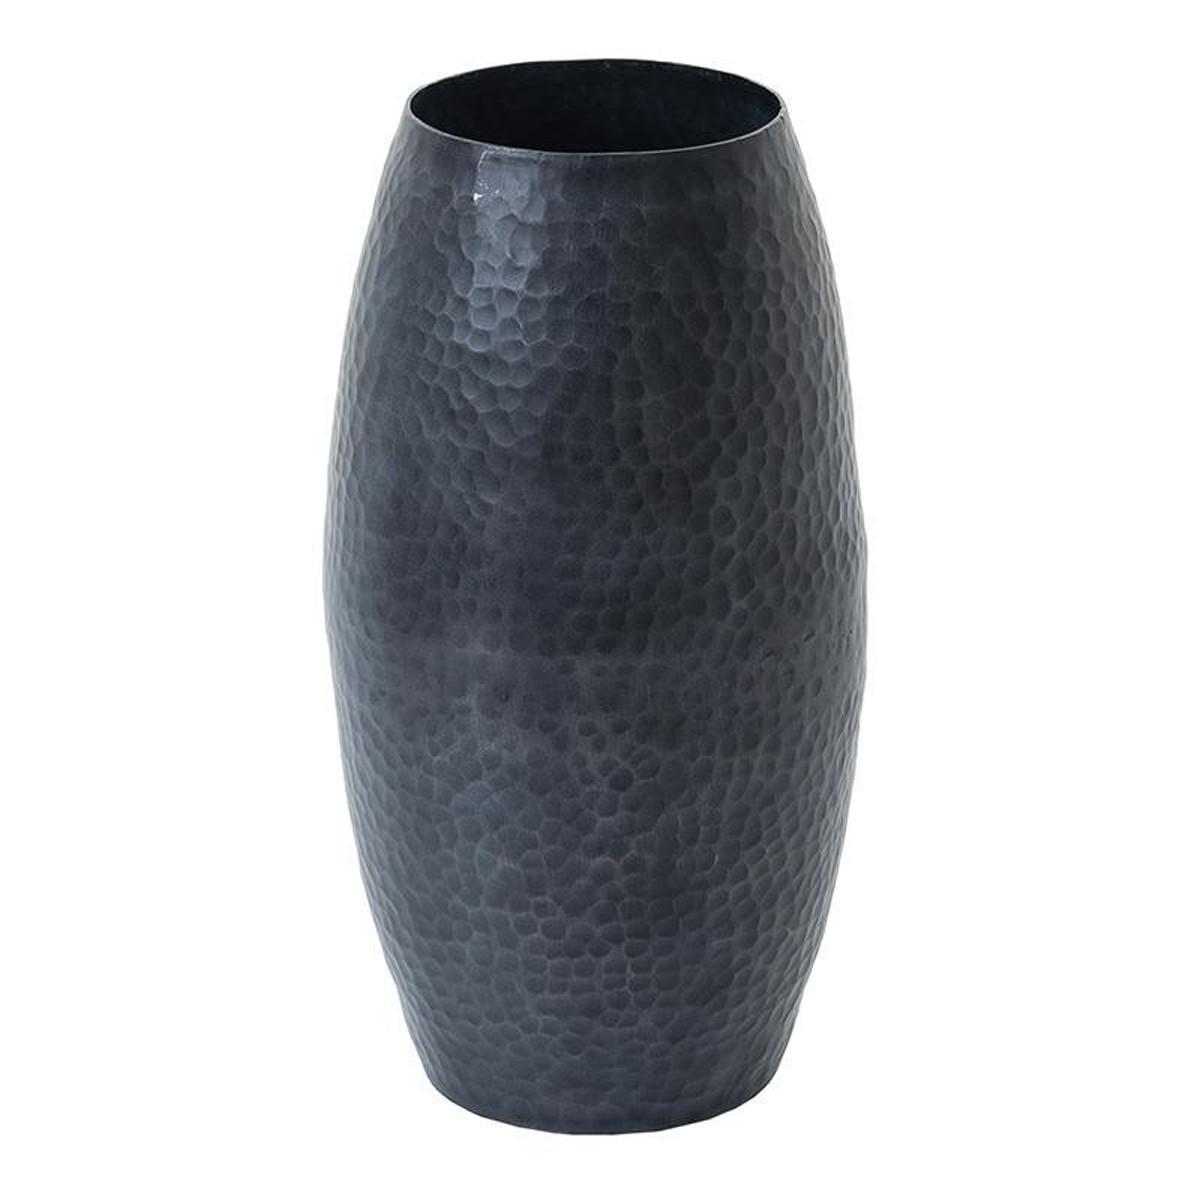 Διακοσμητικό Βάζο InArt Pebble Noir 3-70-387-0195